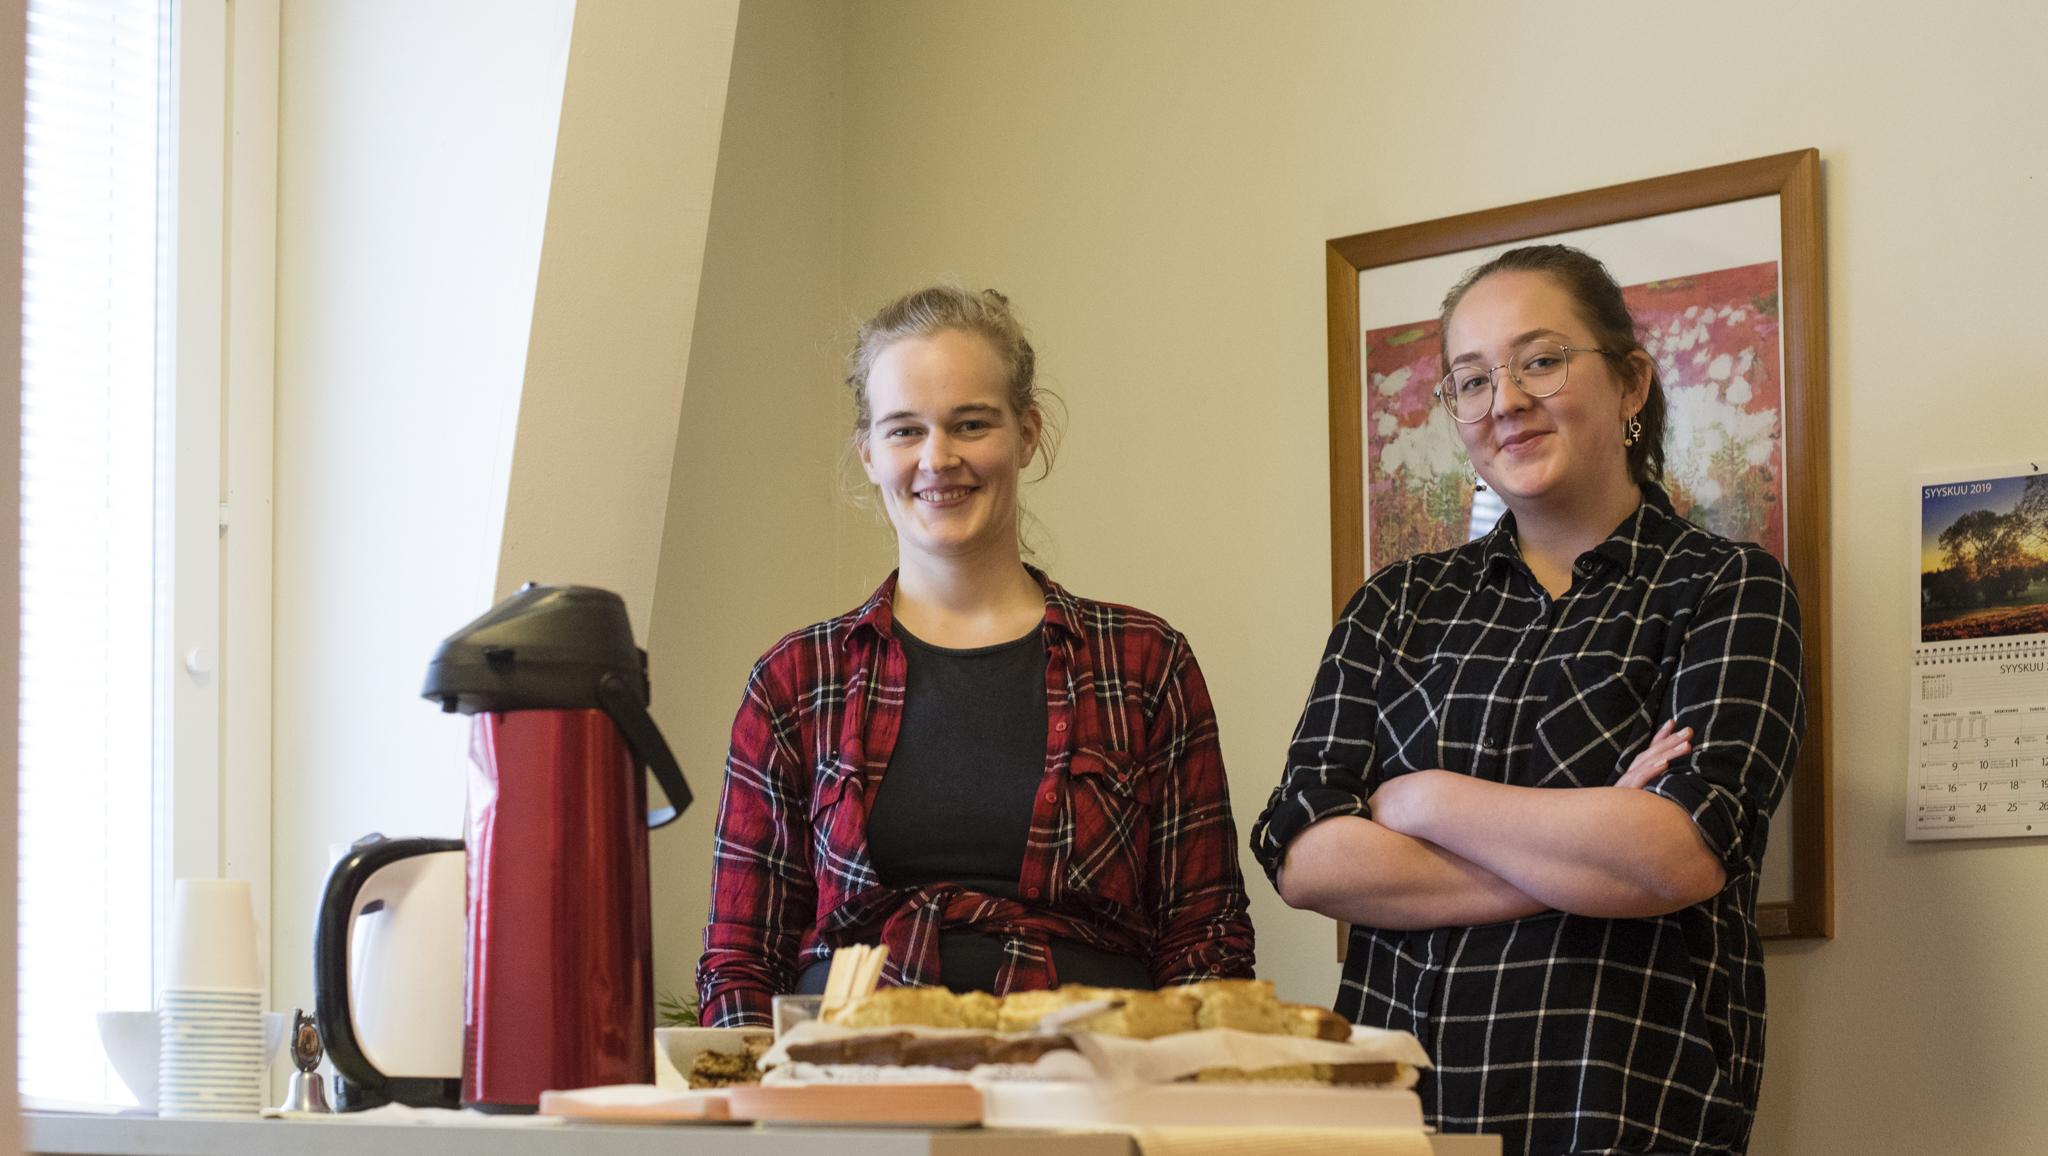 Ilmastokahvilasta ajattelemisen aihetta ja omenapiirakkaa